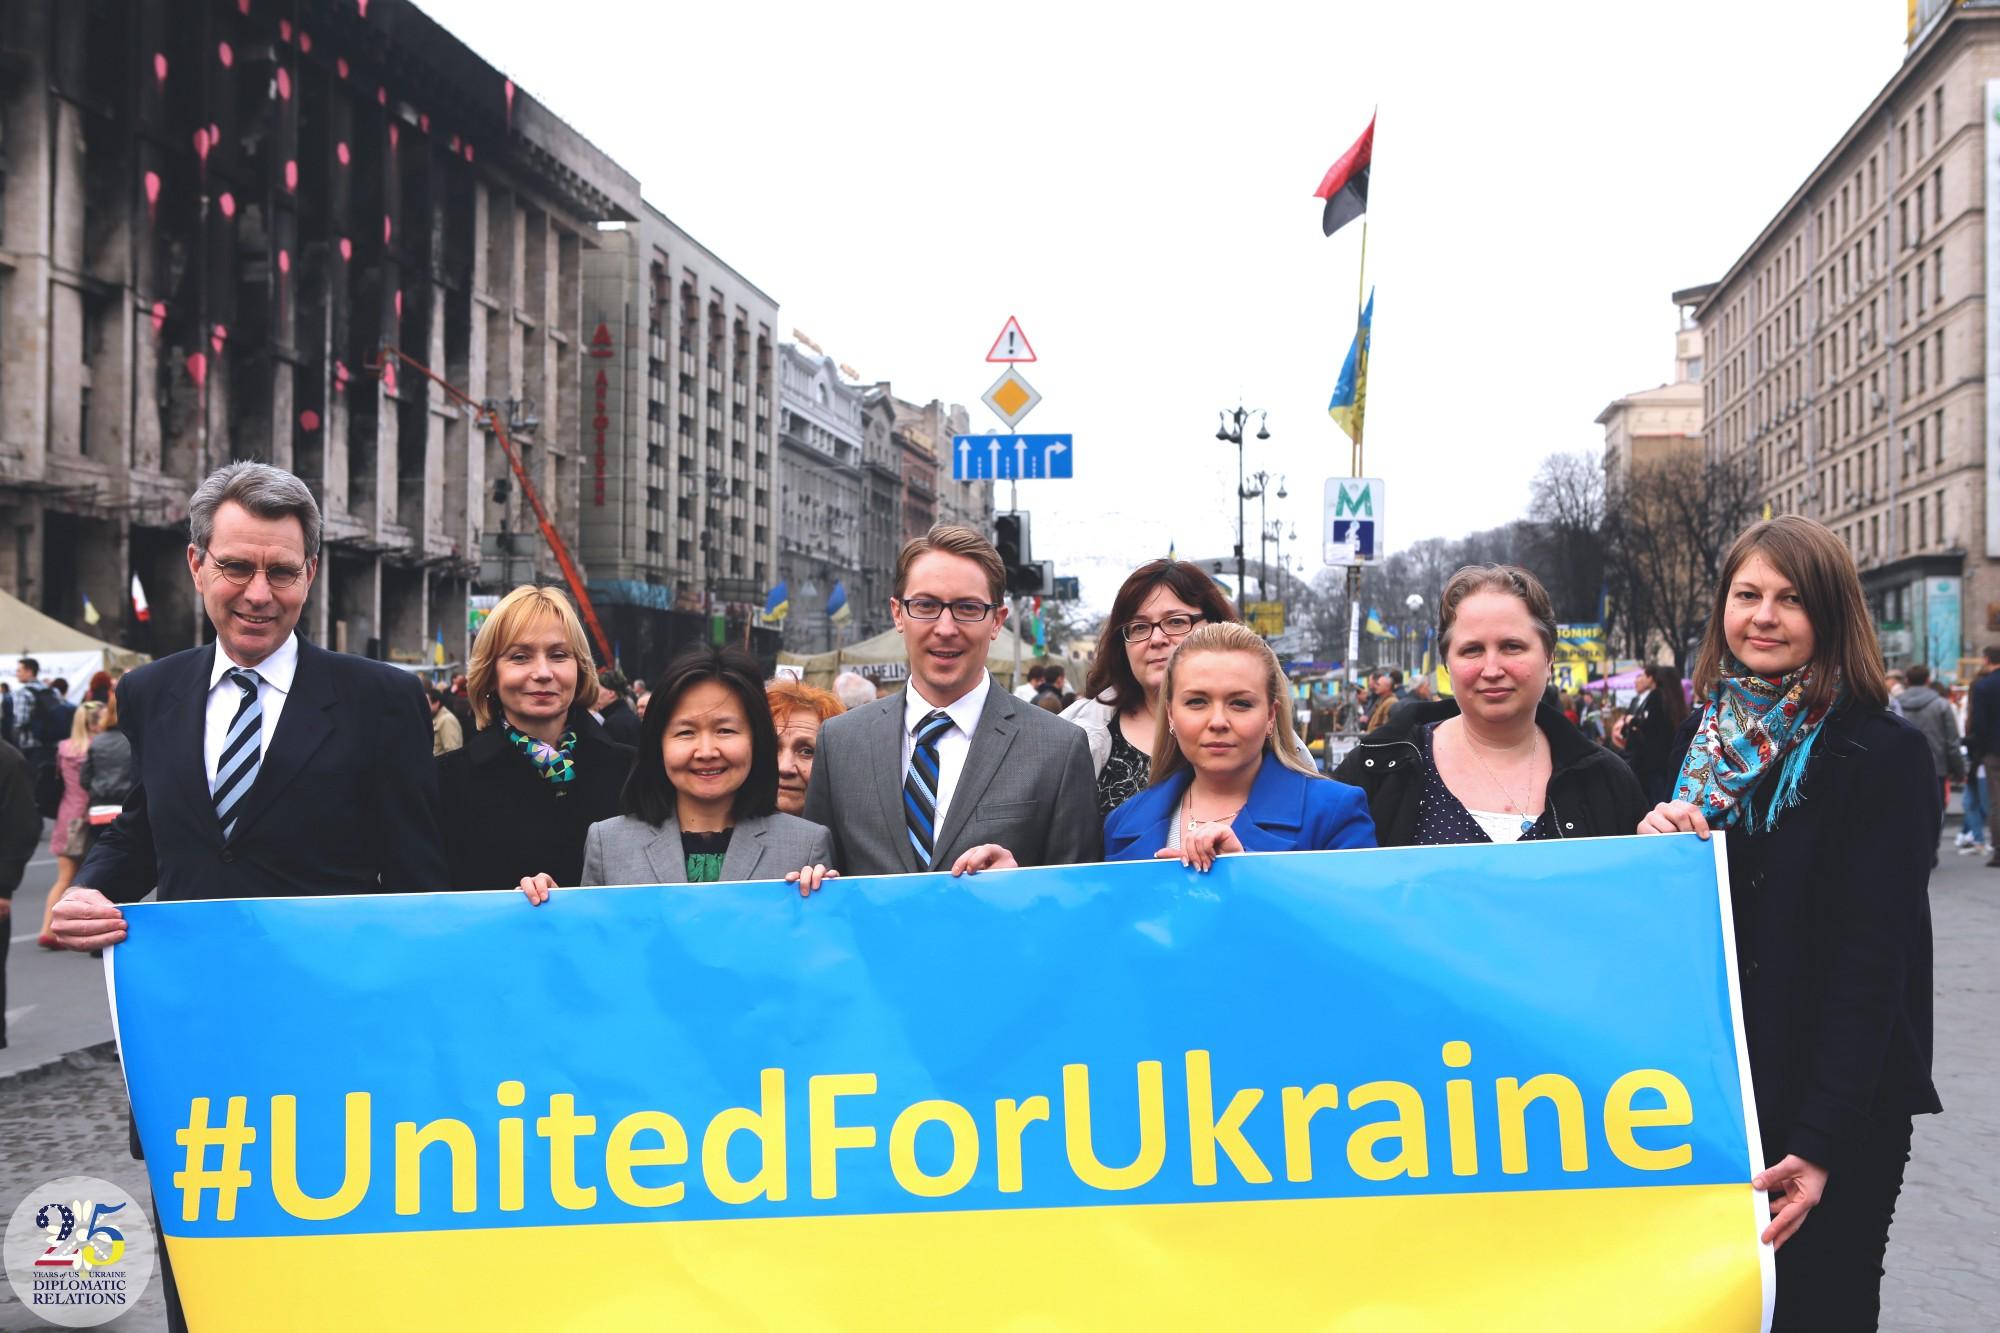 Посол США Пайетт вместе с представителями Посольства США на Майдане, Киев, 2014 году.